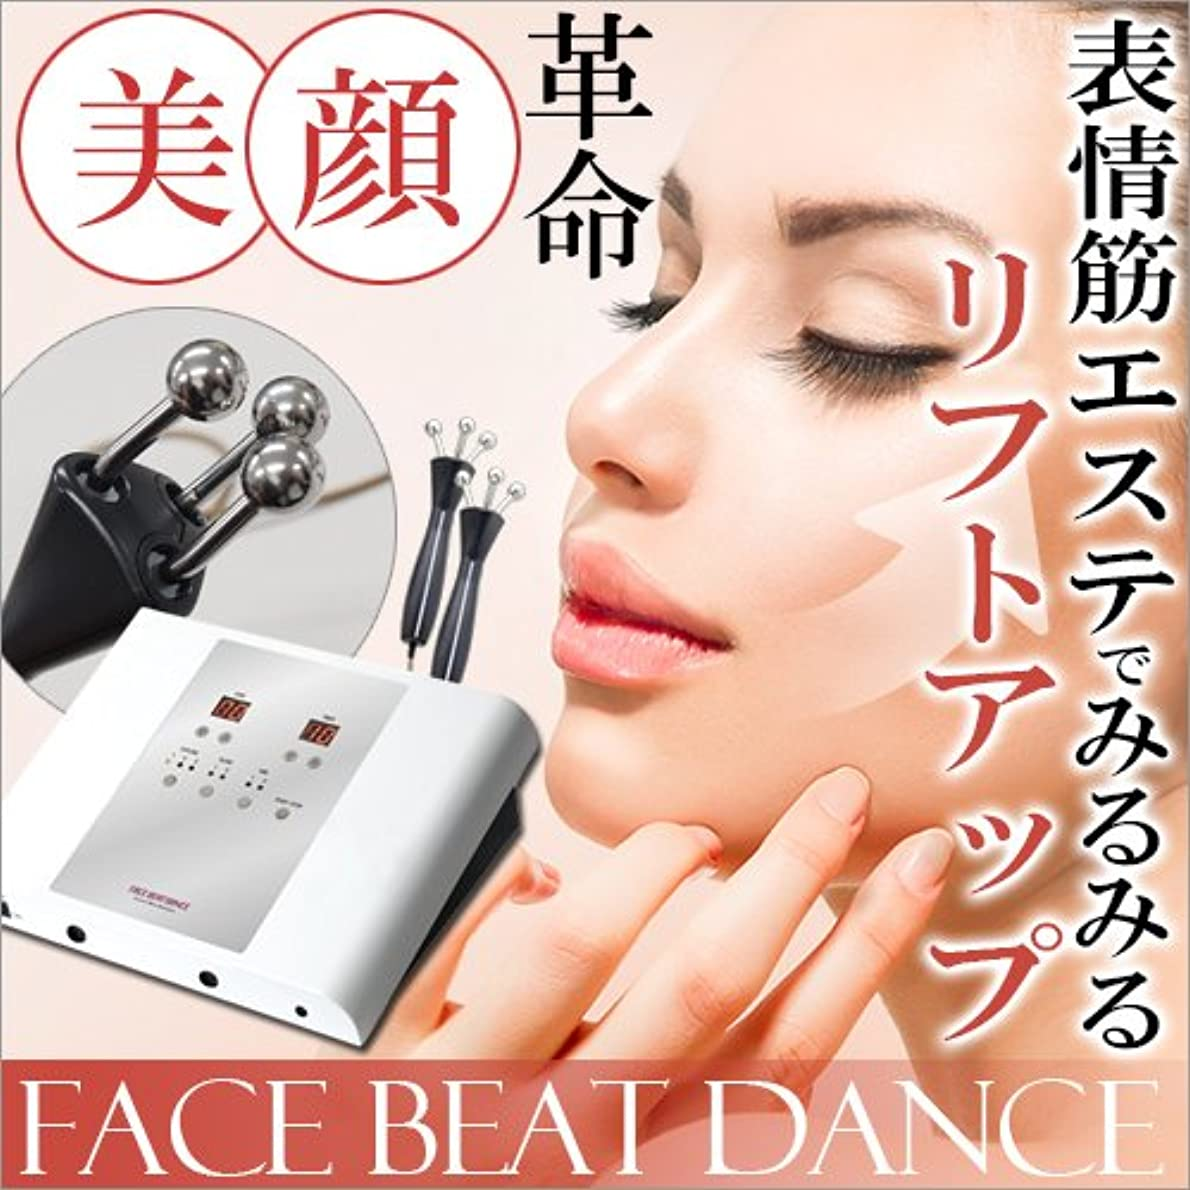 誤って維持する寂しいエステ業務用 美顔器 FACE BEAT DANCE(フェイスビートダンス)/ 無償納品研修付